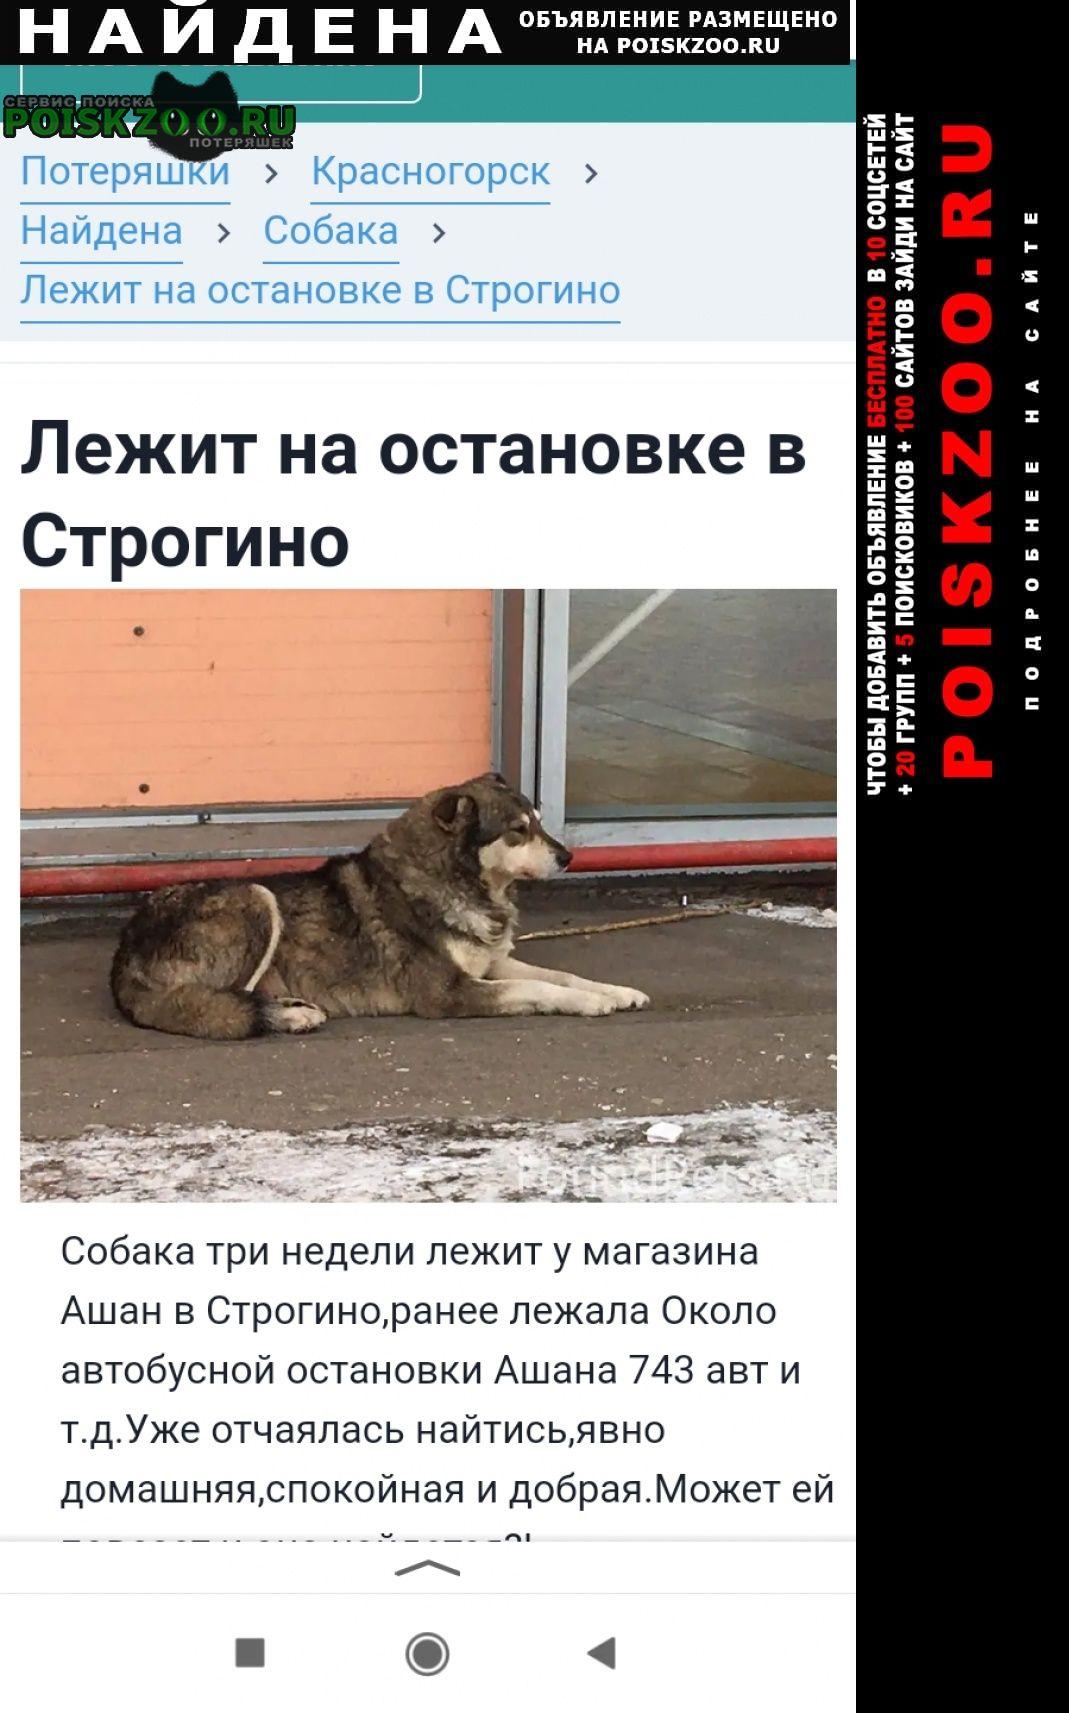 Найдена собака лежит на остановке в строгино Москва